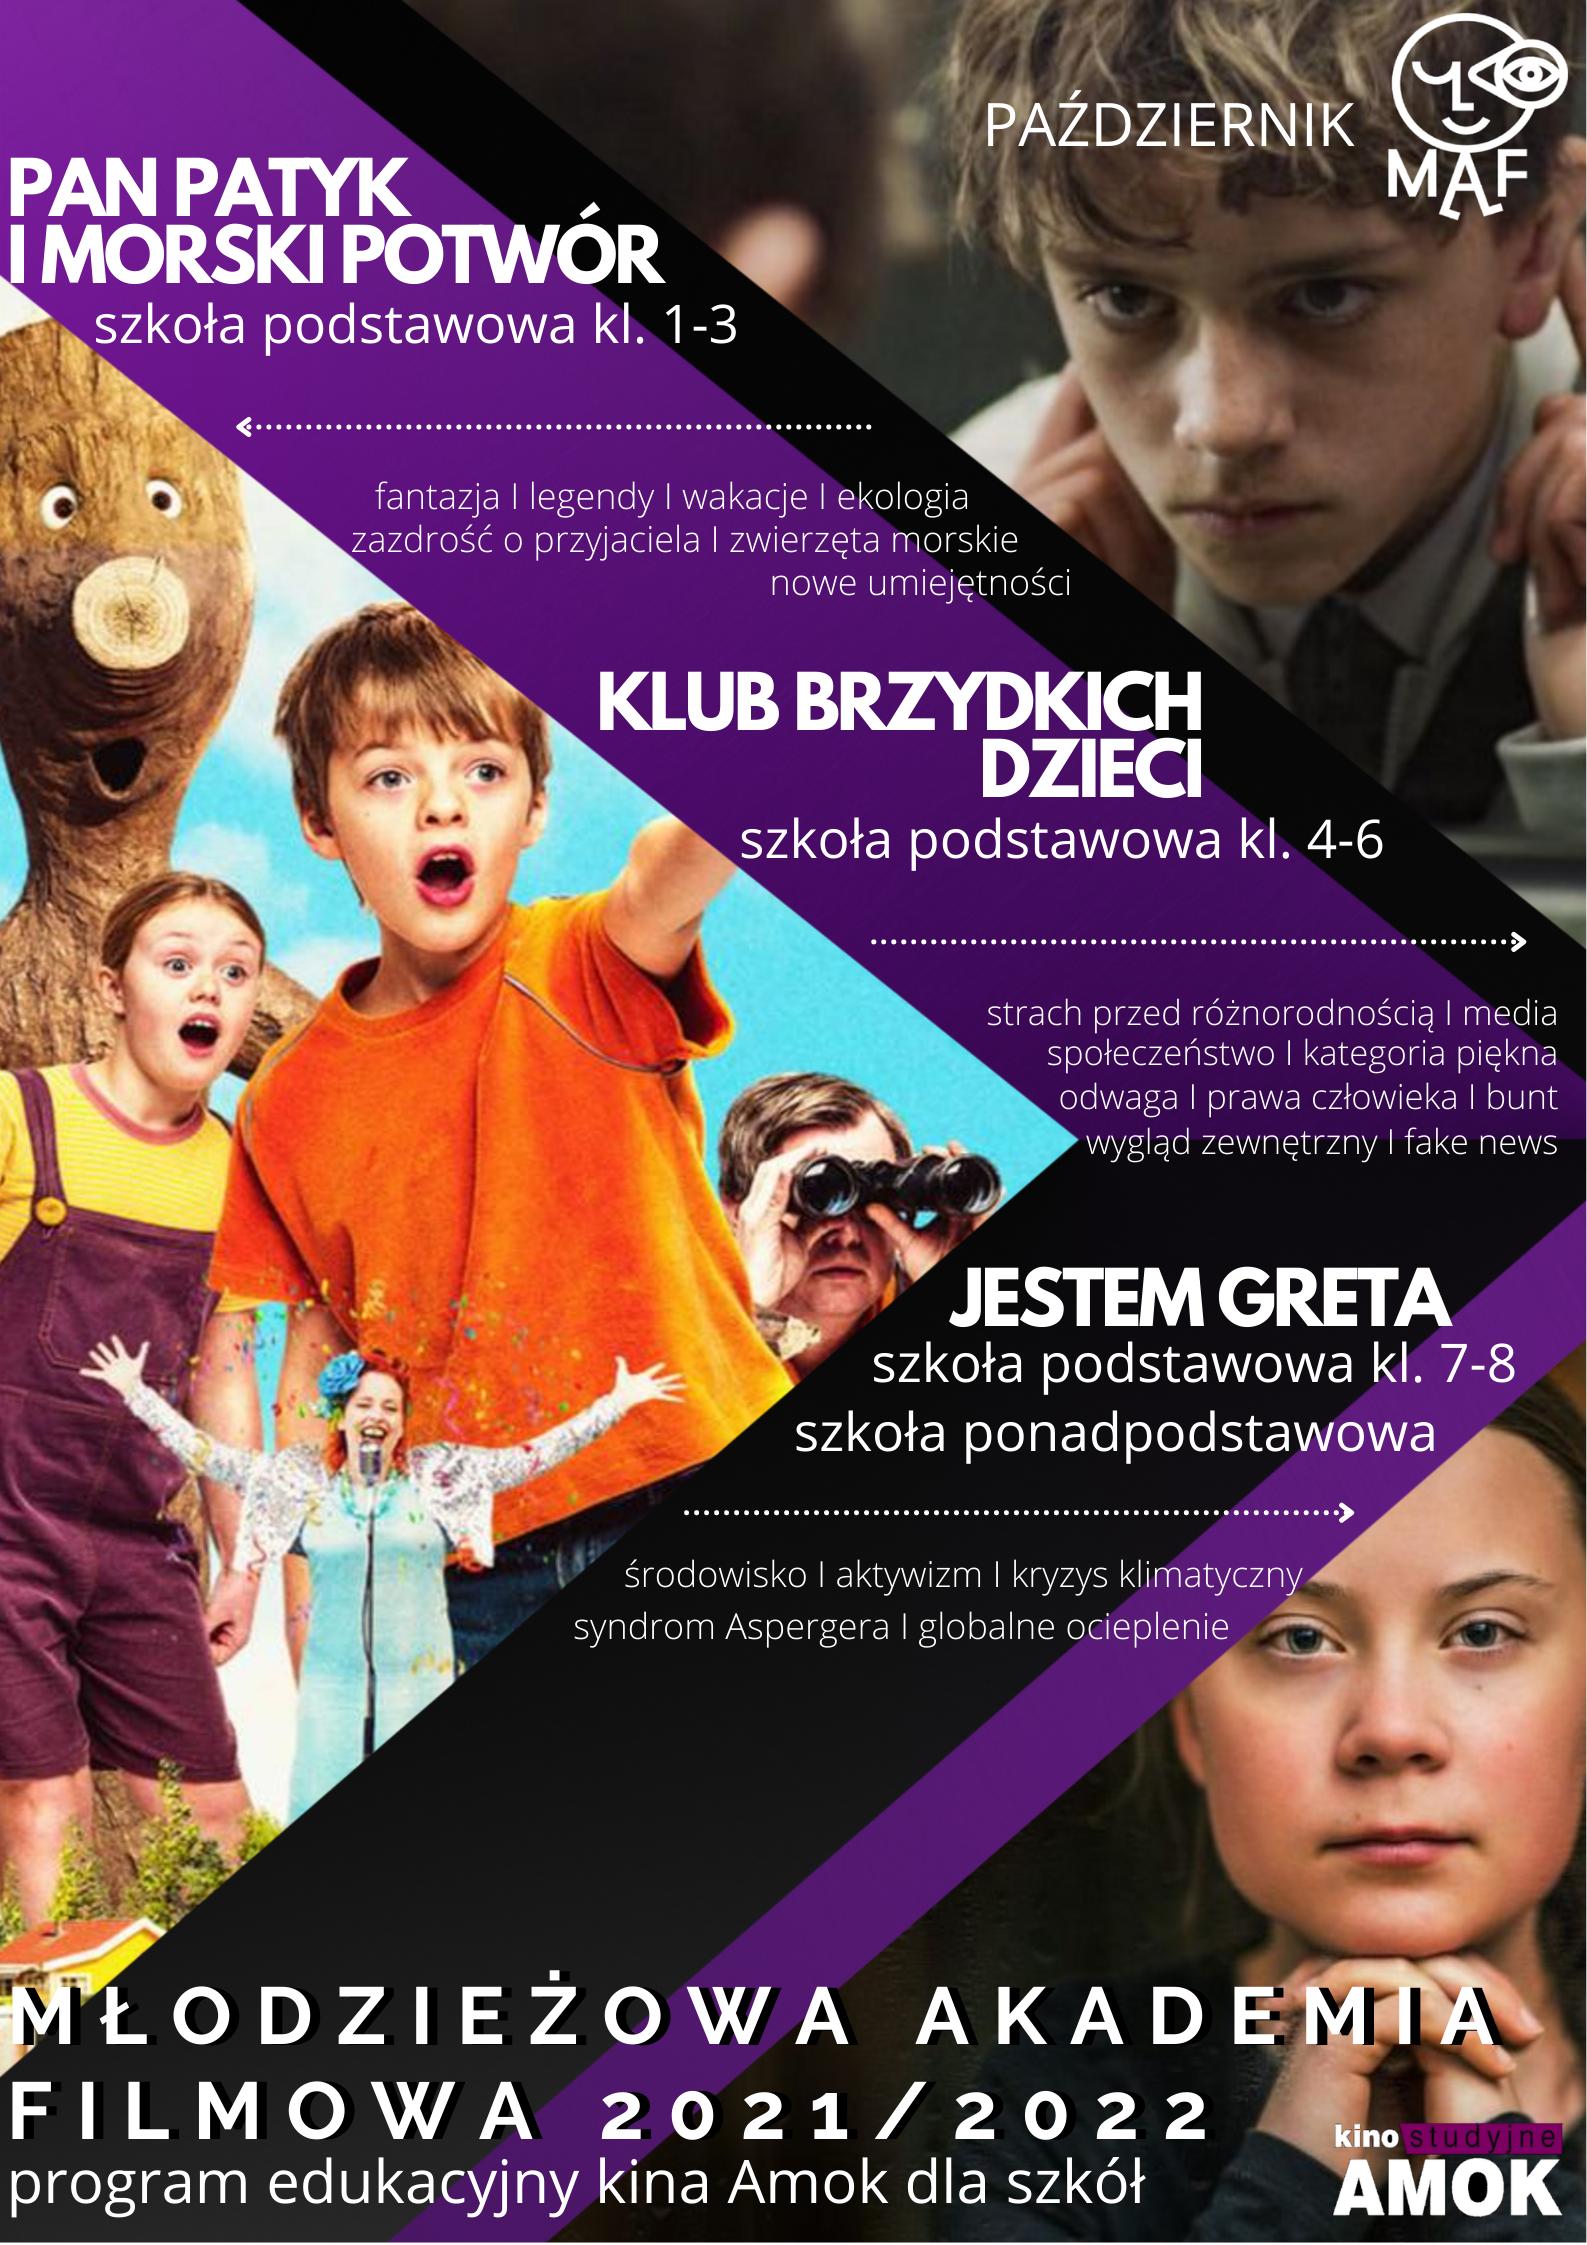 MŁODZIEŻOWA AKADEMIA FILMOWA 20212022 (5)